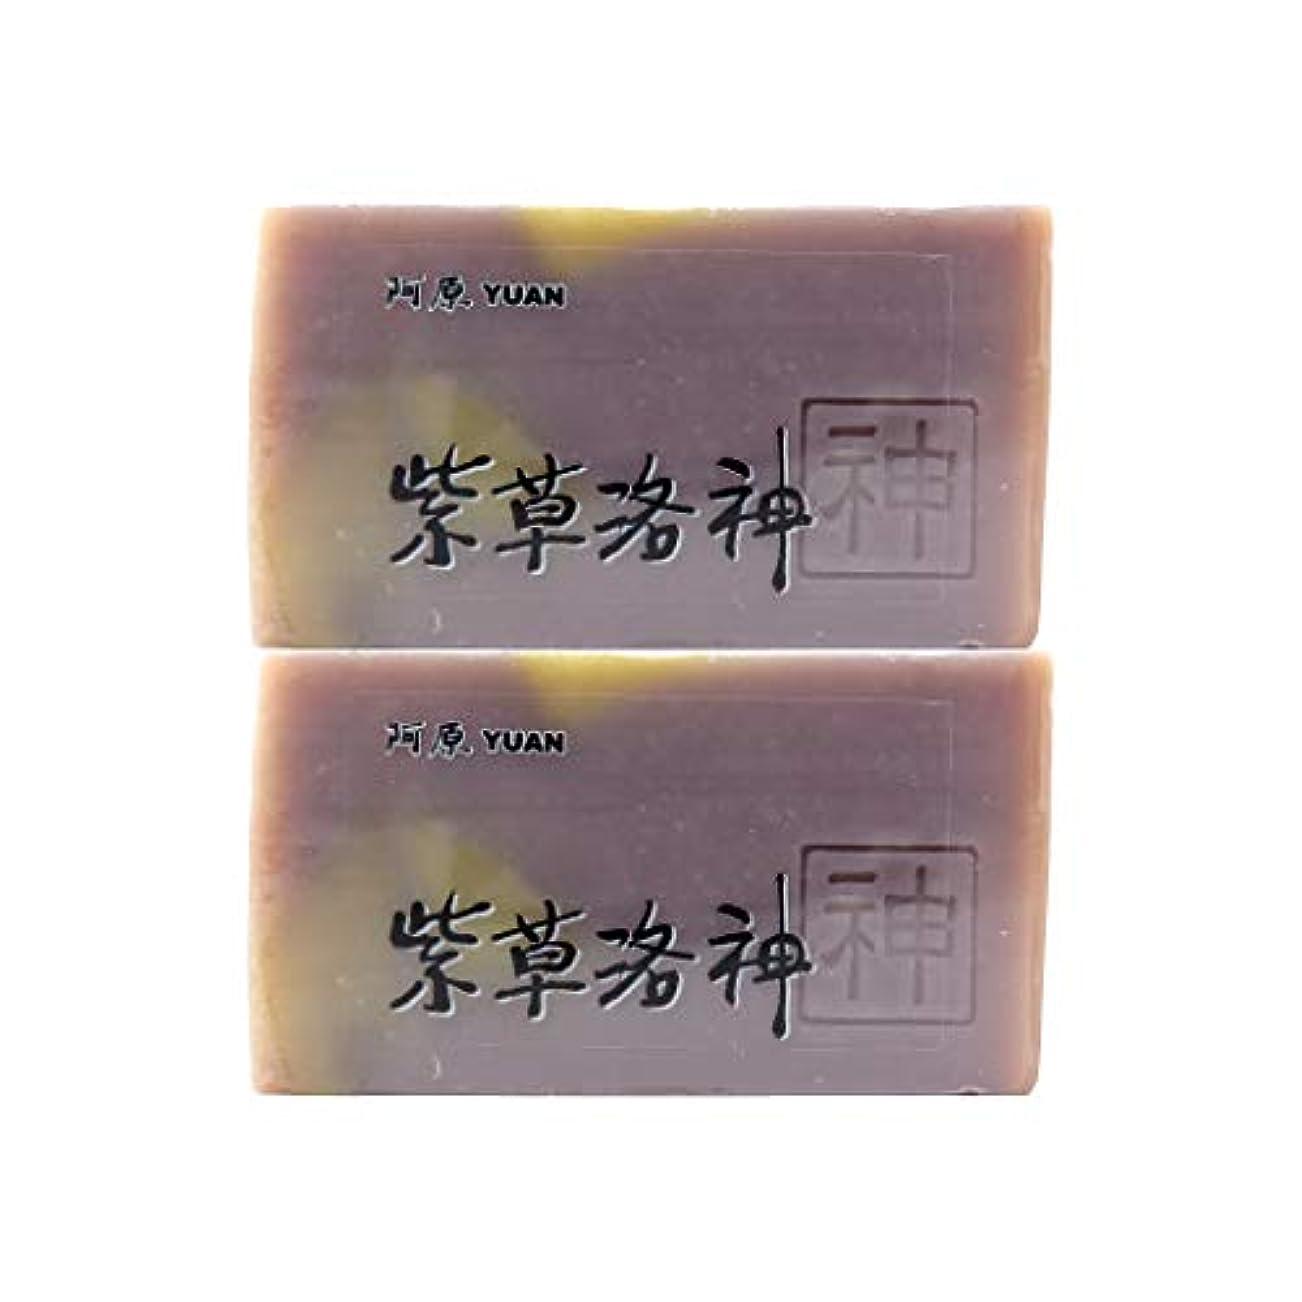 ラボ第二師匠ユアン(YUAN) ハイビスカスソープ 100g (2個セット)